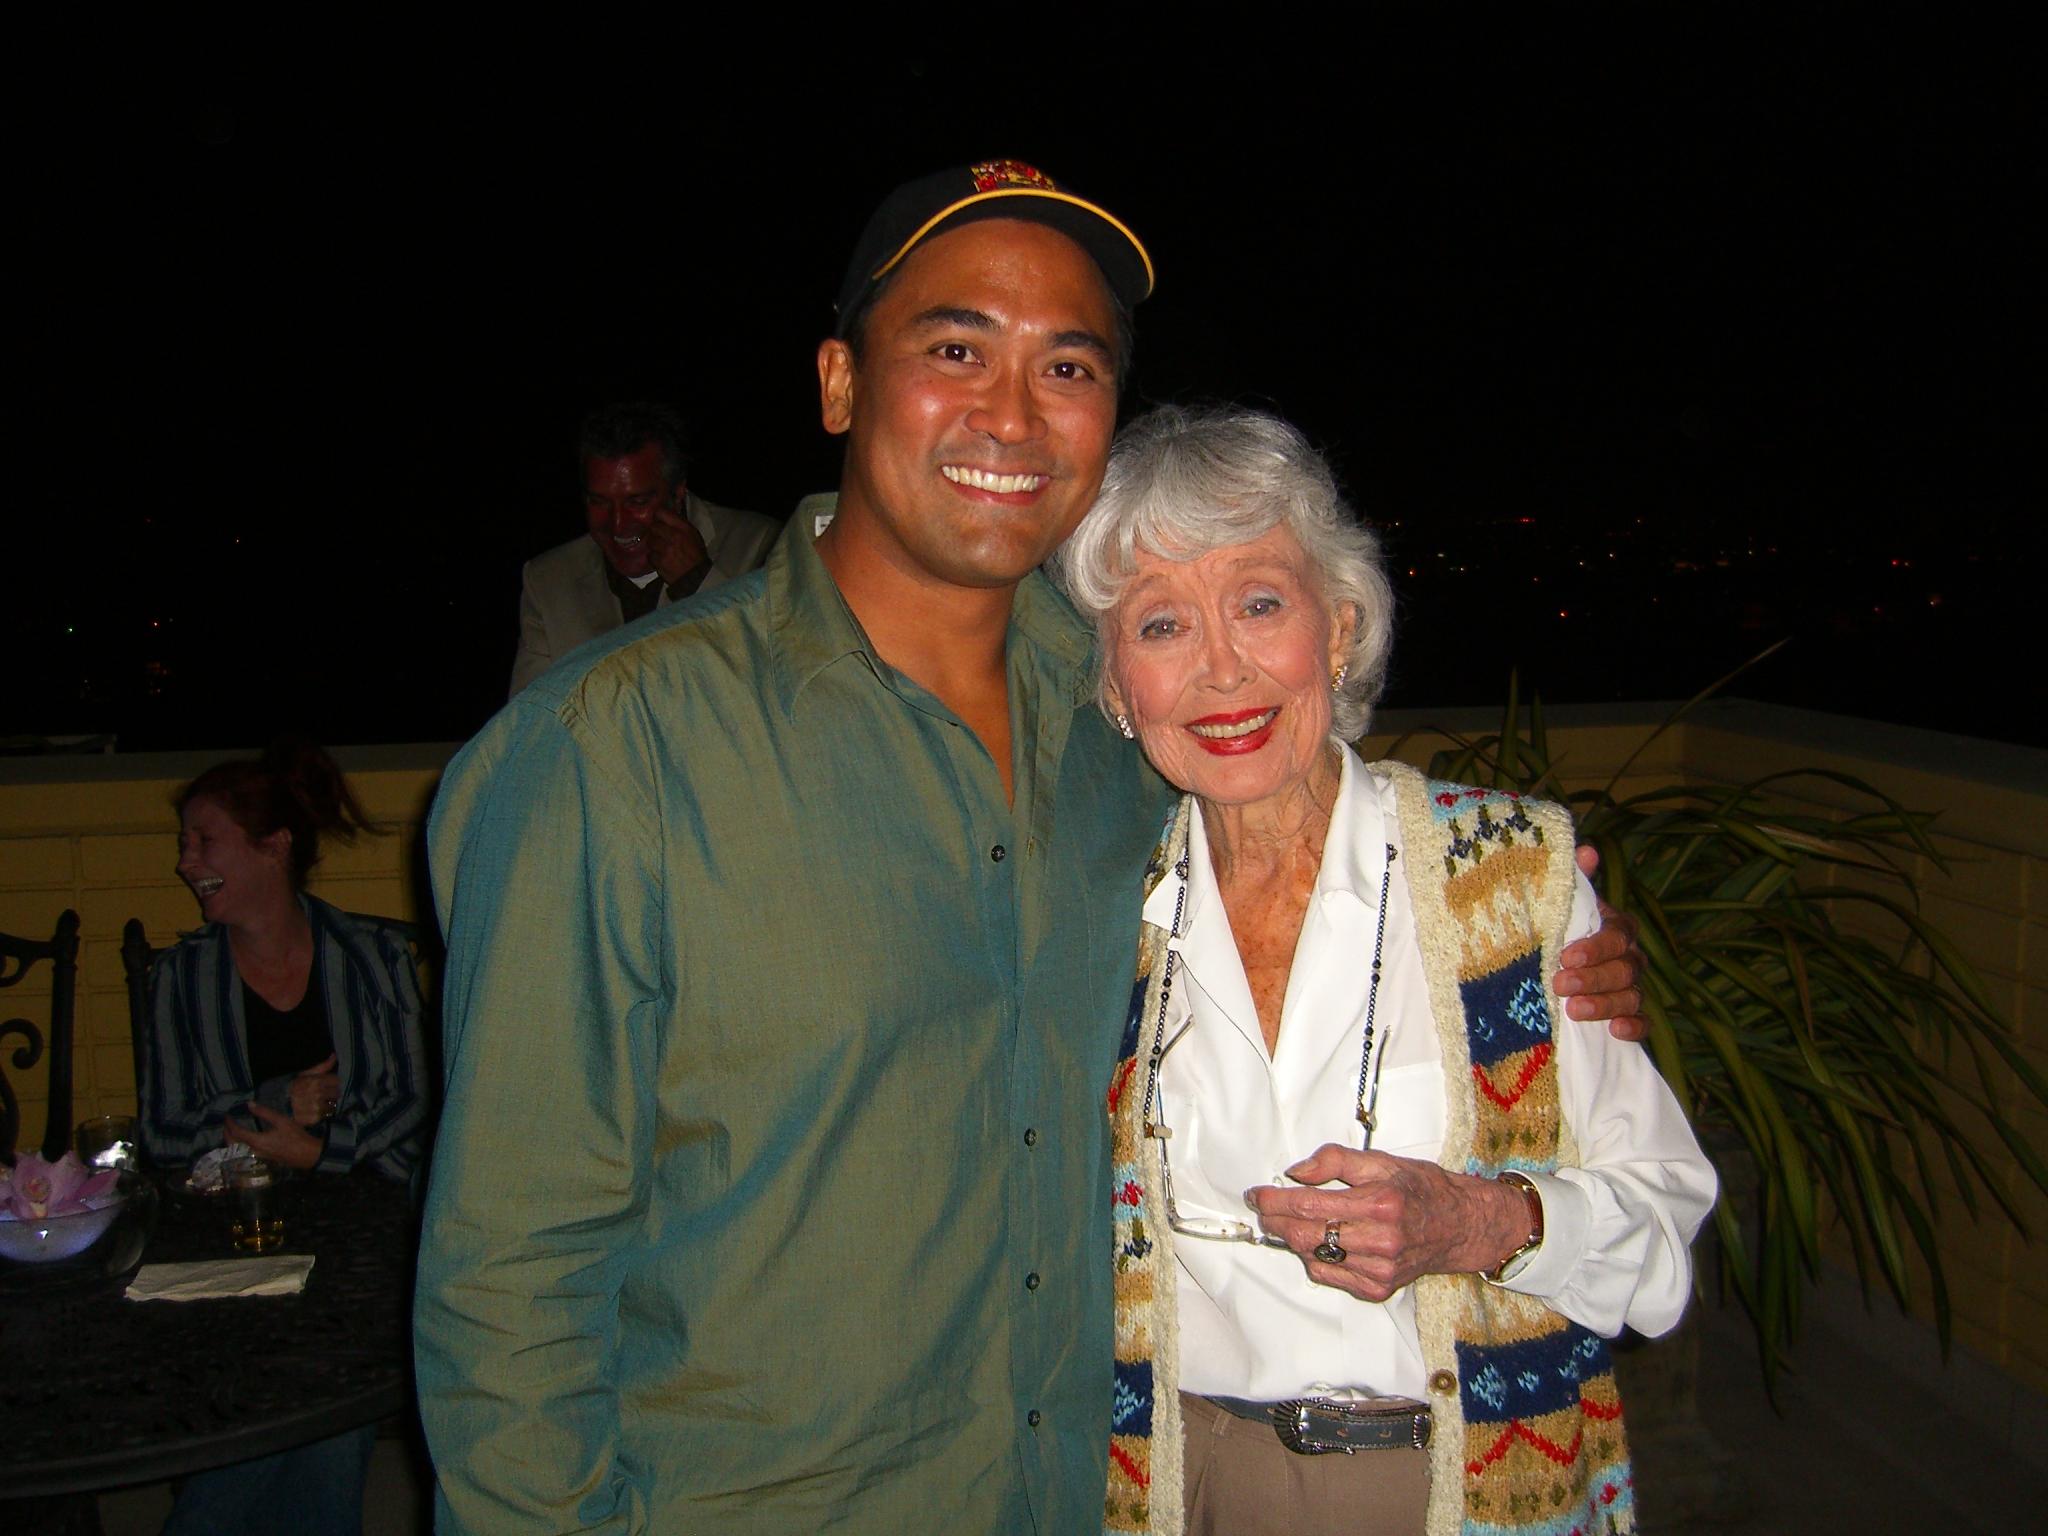 Ricky and Betty Garrett